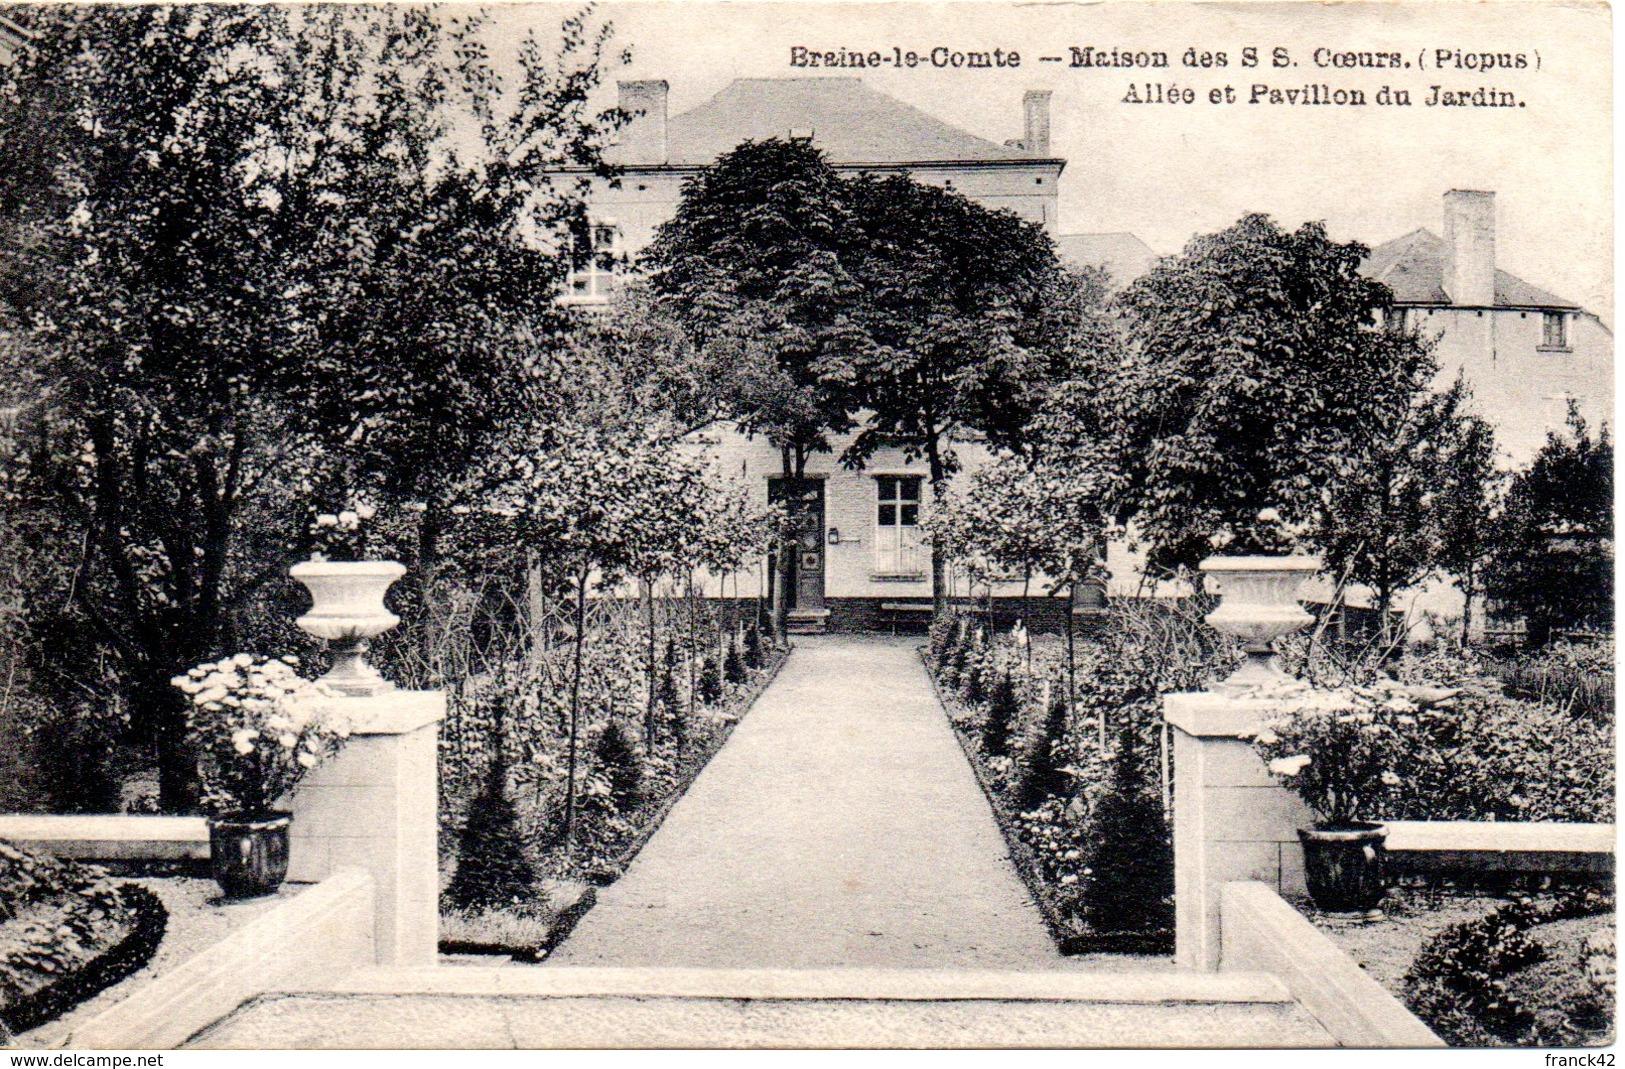 Belgique. Braine Le Comte. Maison Des S.S Coeur (picpus). Allée Et Pavillon Du Jardin - Braine-le-Comte